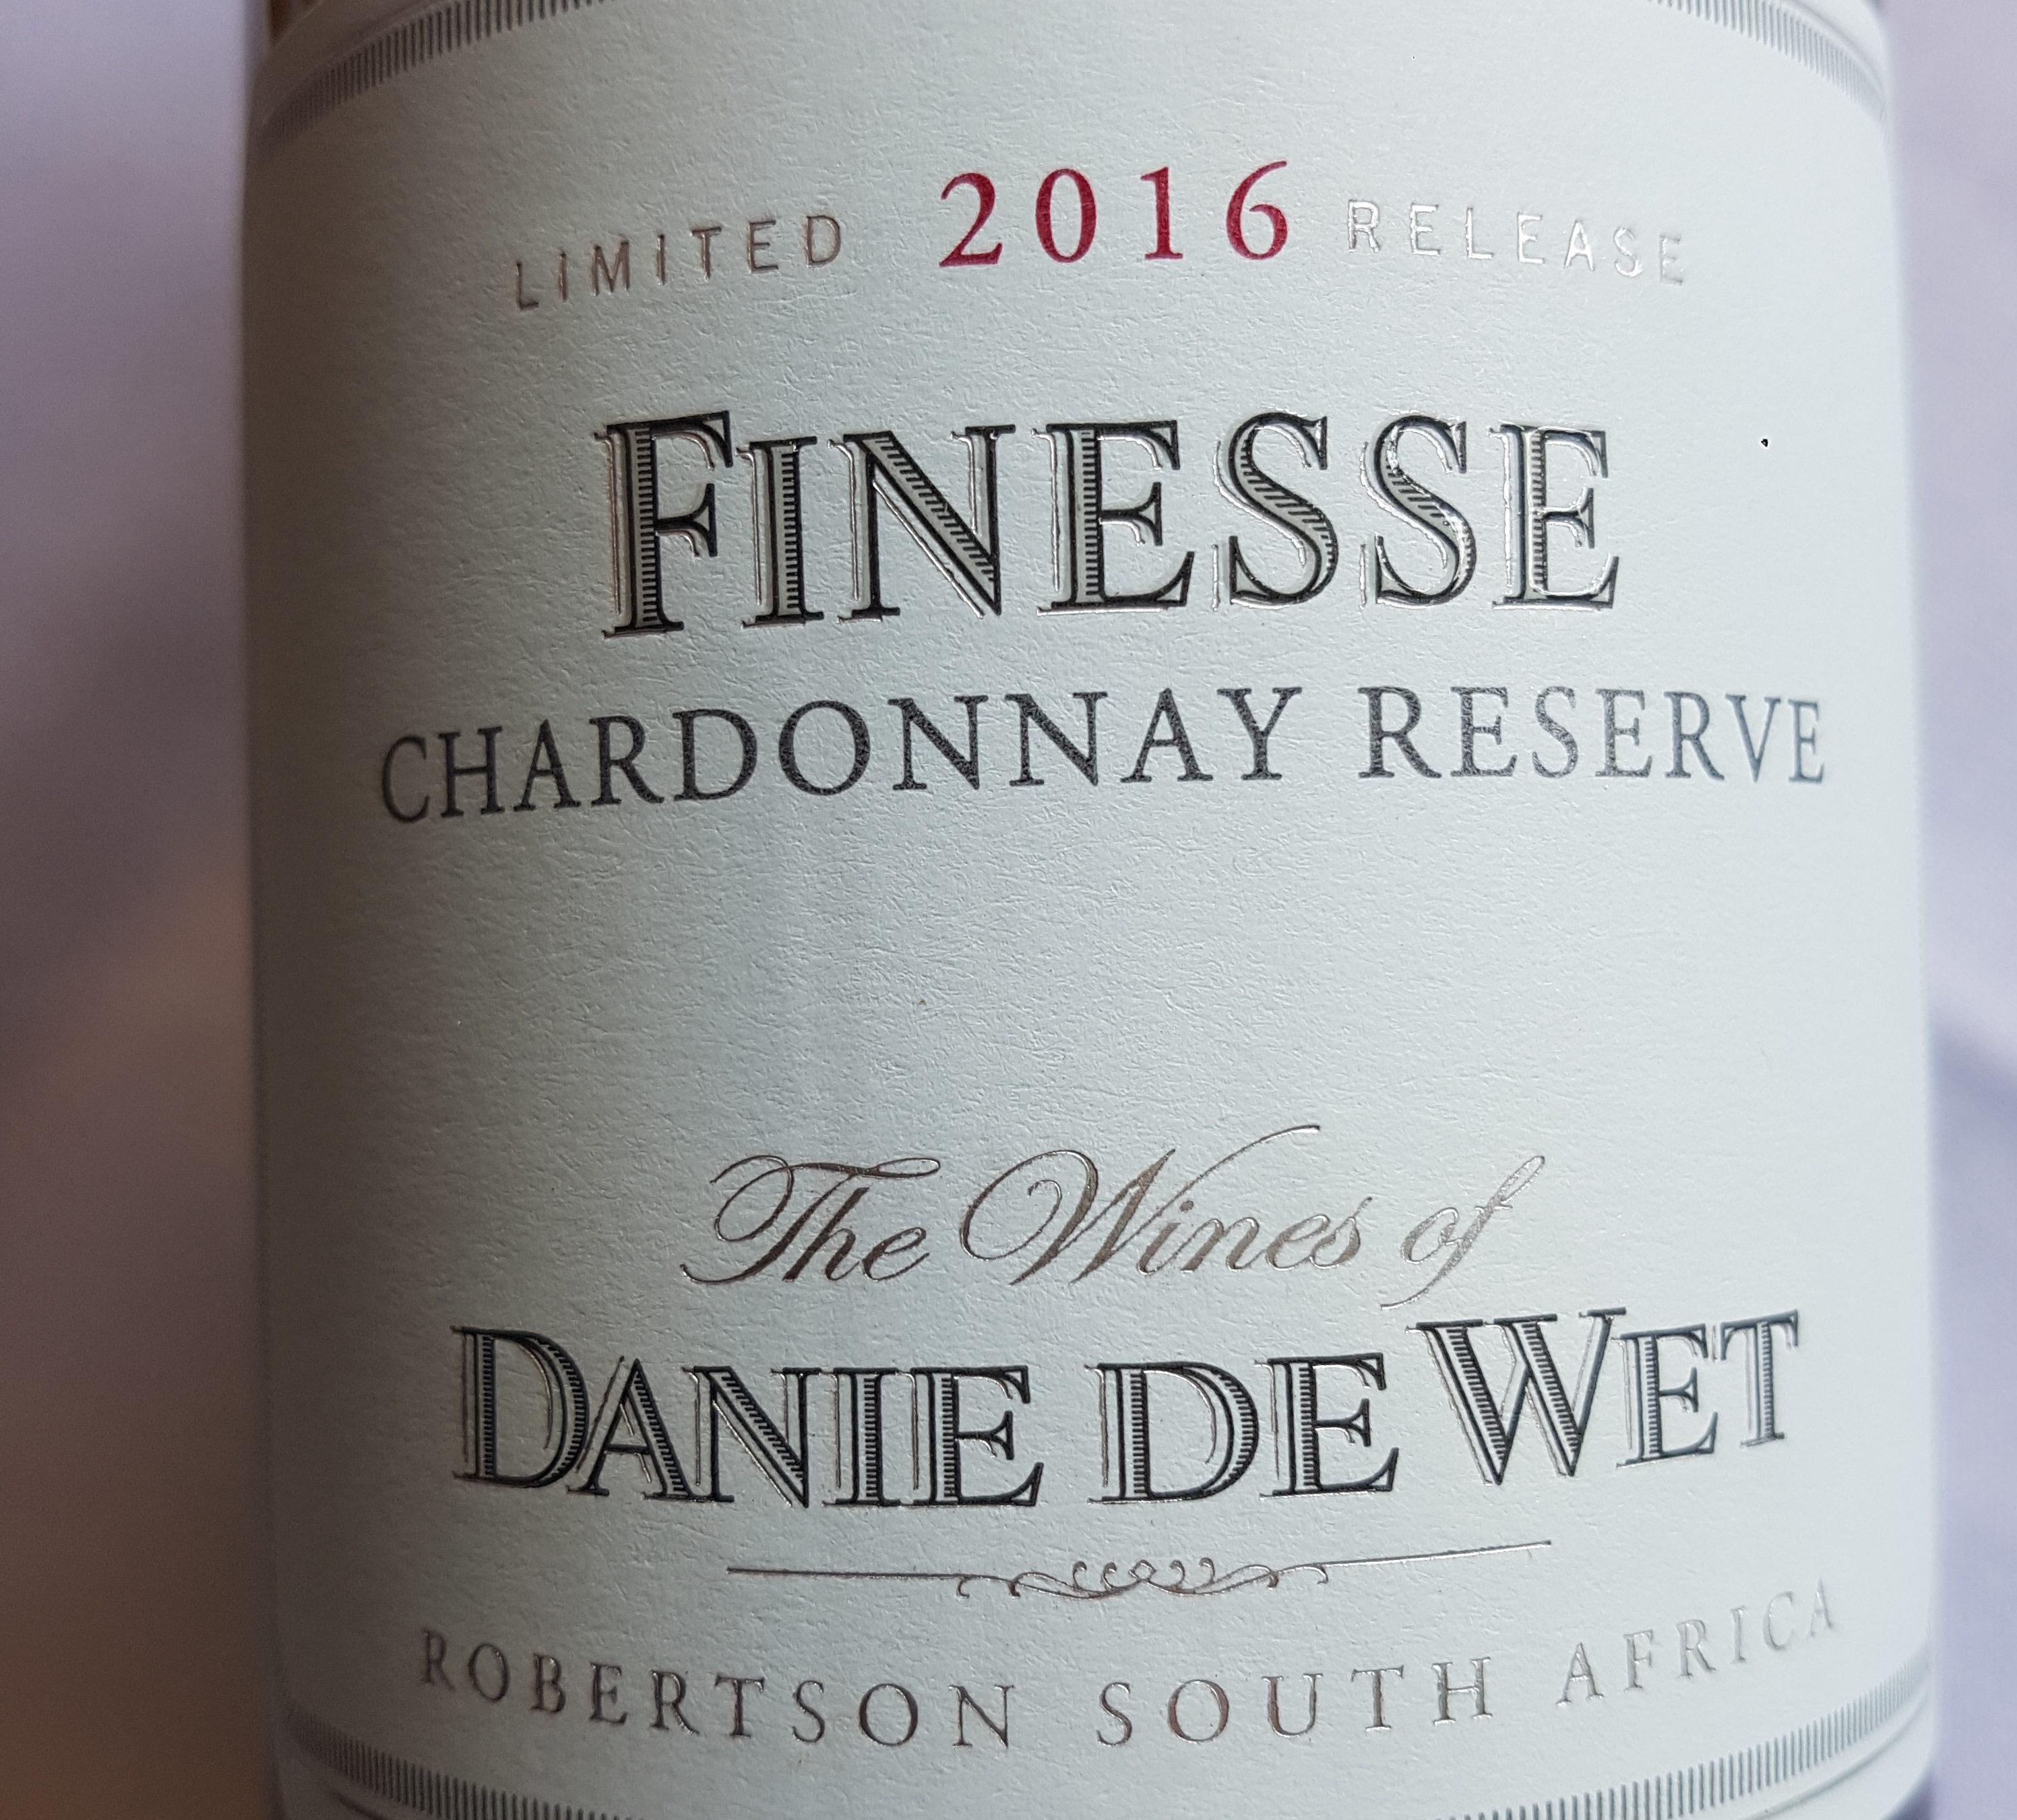 Danie De Wet Finesse Chardonnay 2017 – Afrique du Sud